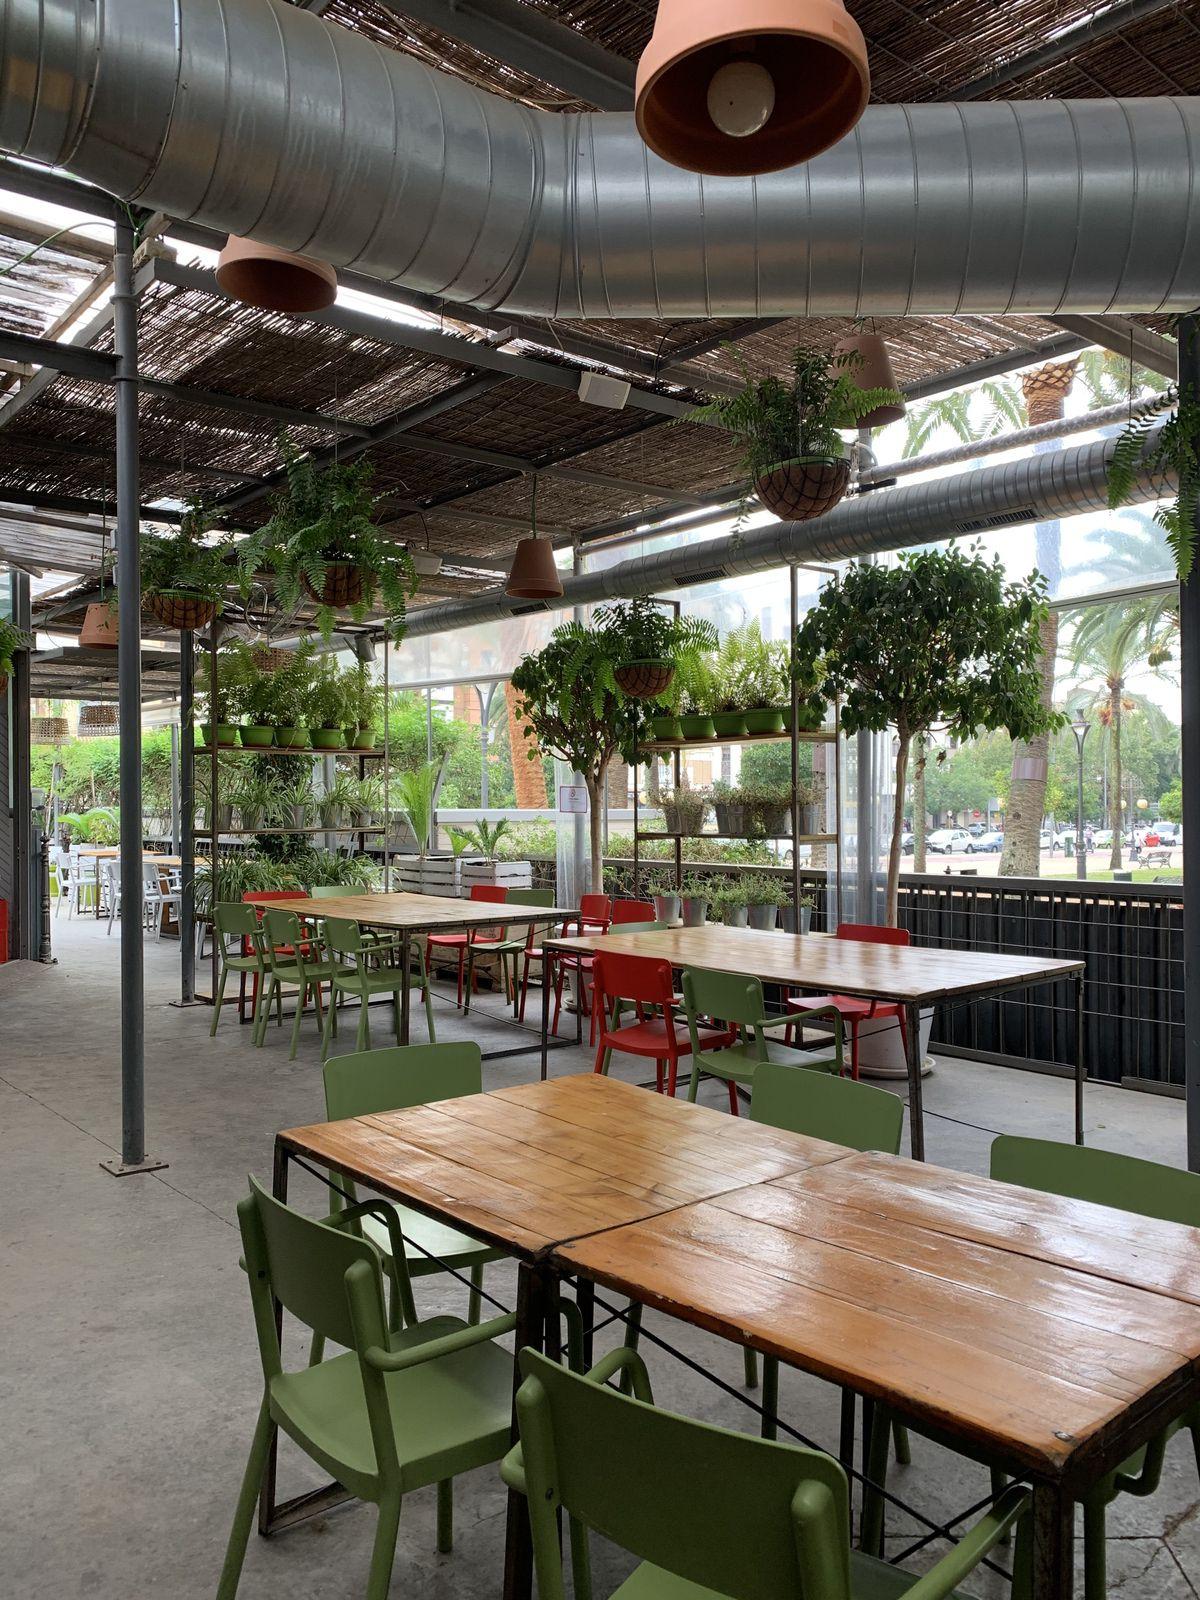 Mercado Victoria pour une halte gourmande au milieu d'un jardin